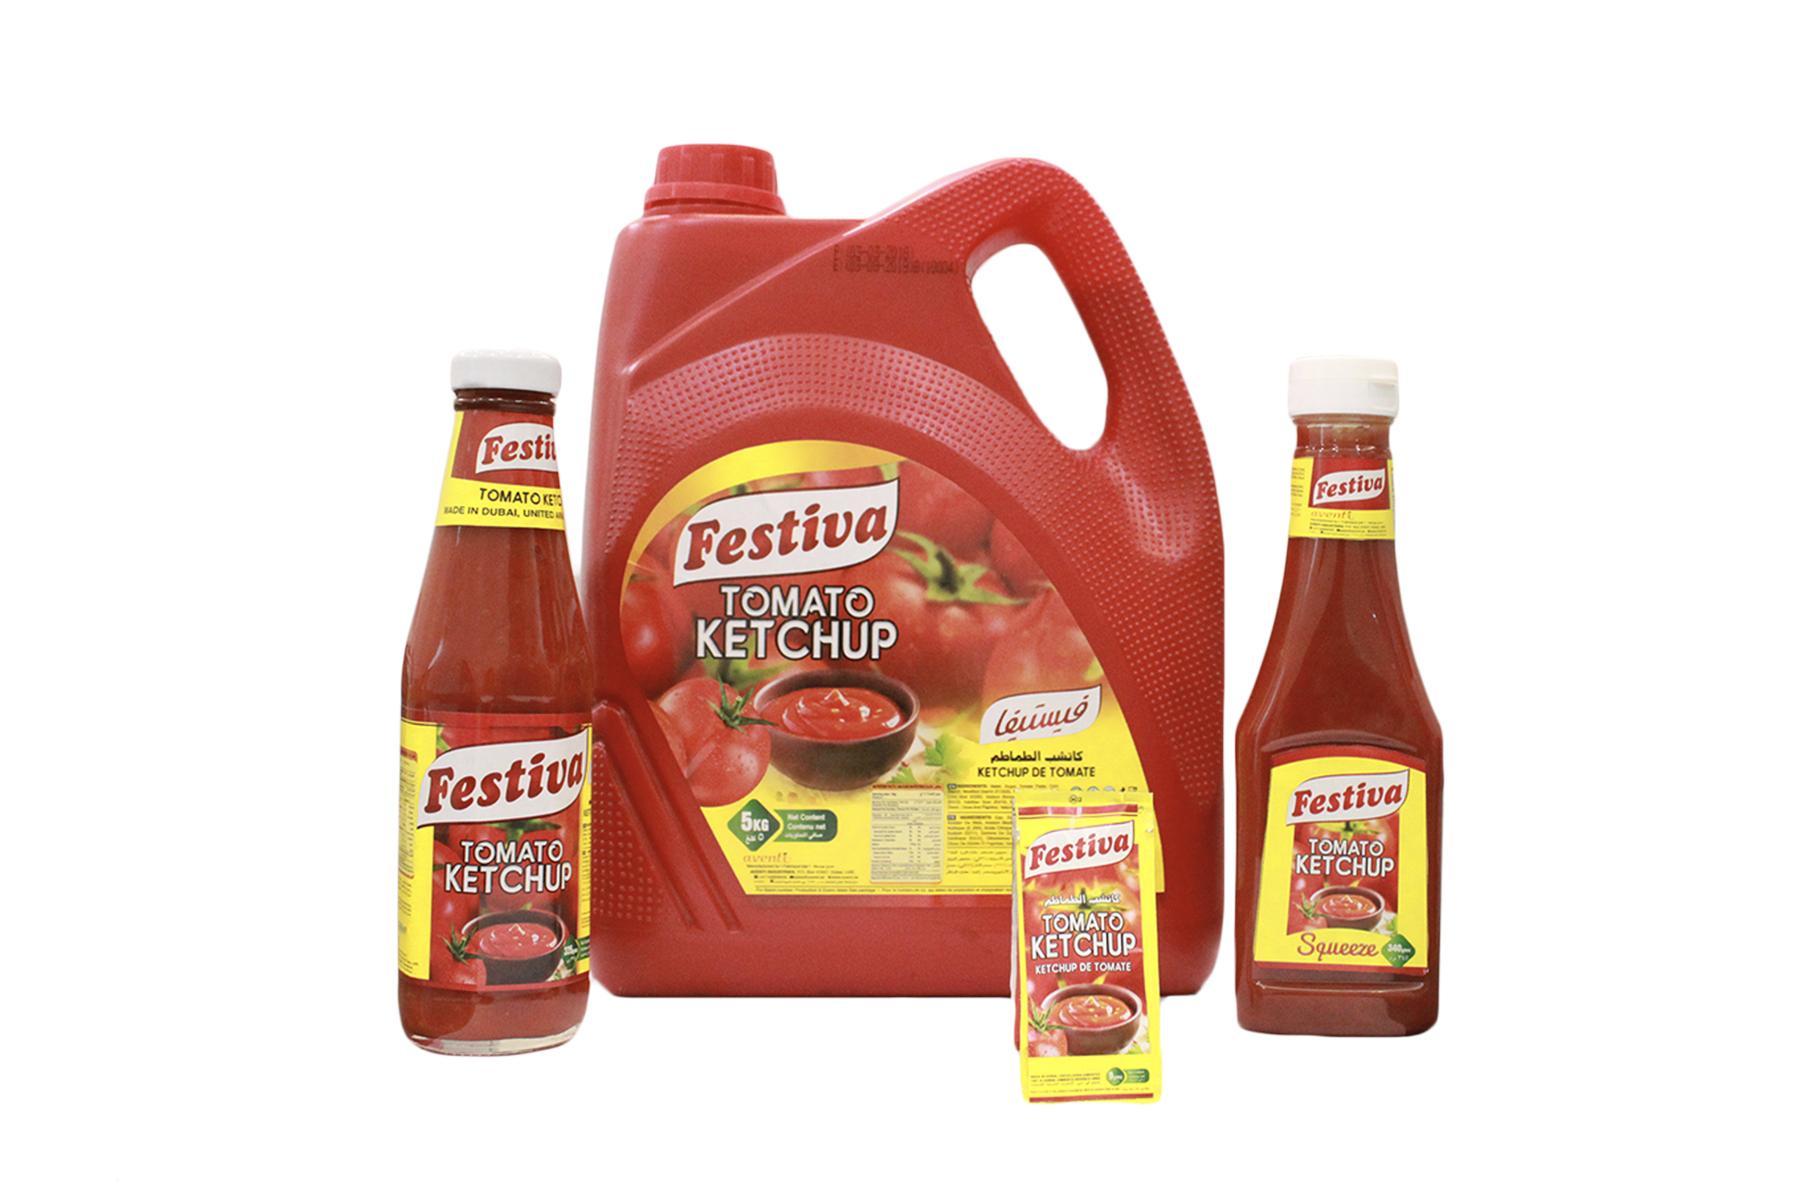 Festiva Tomato Ketchup